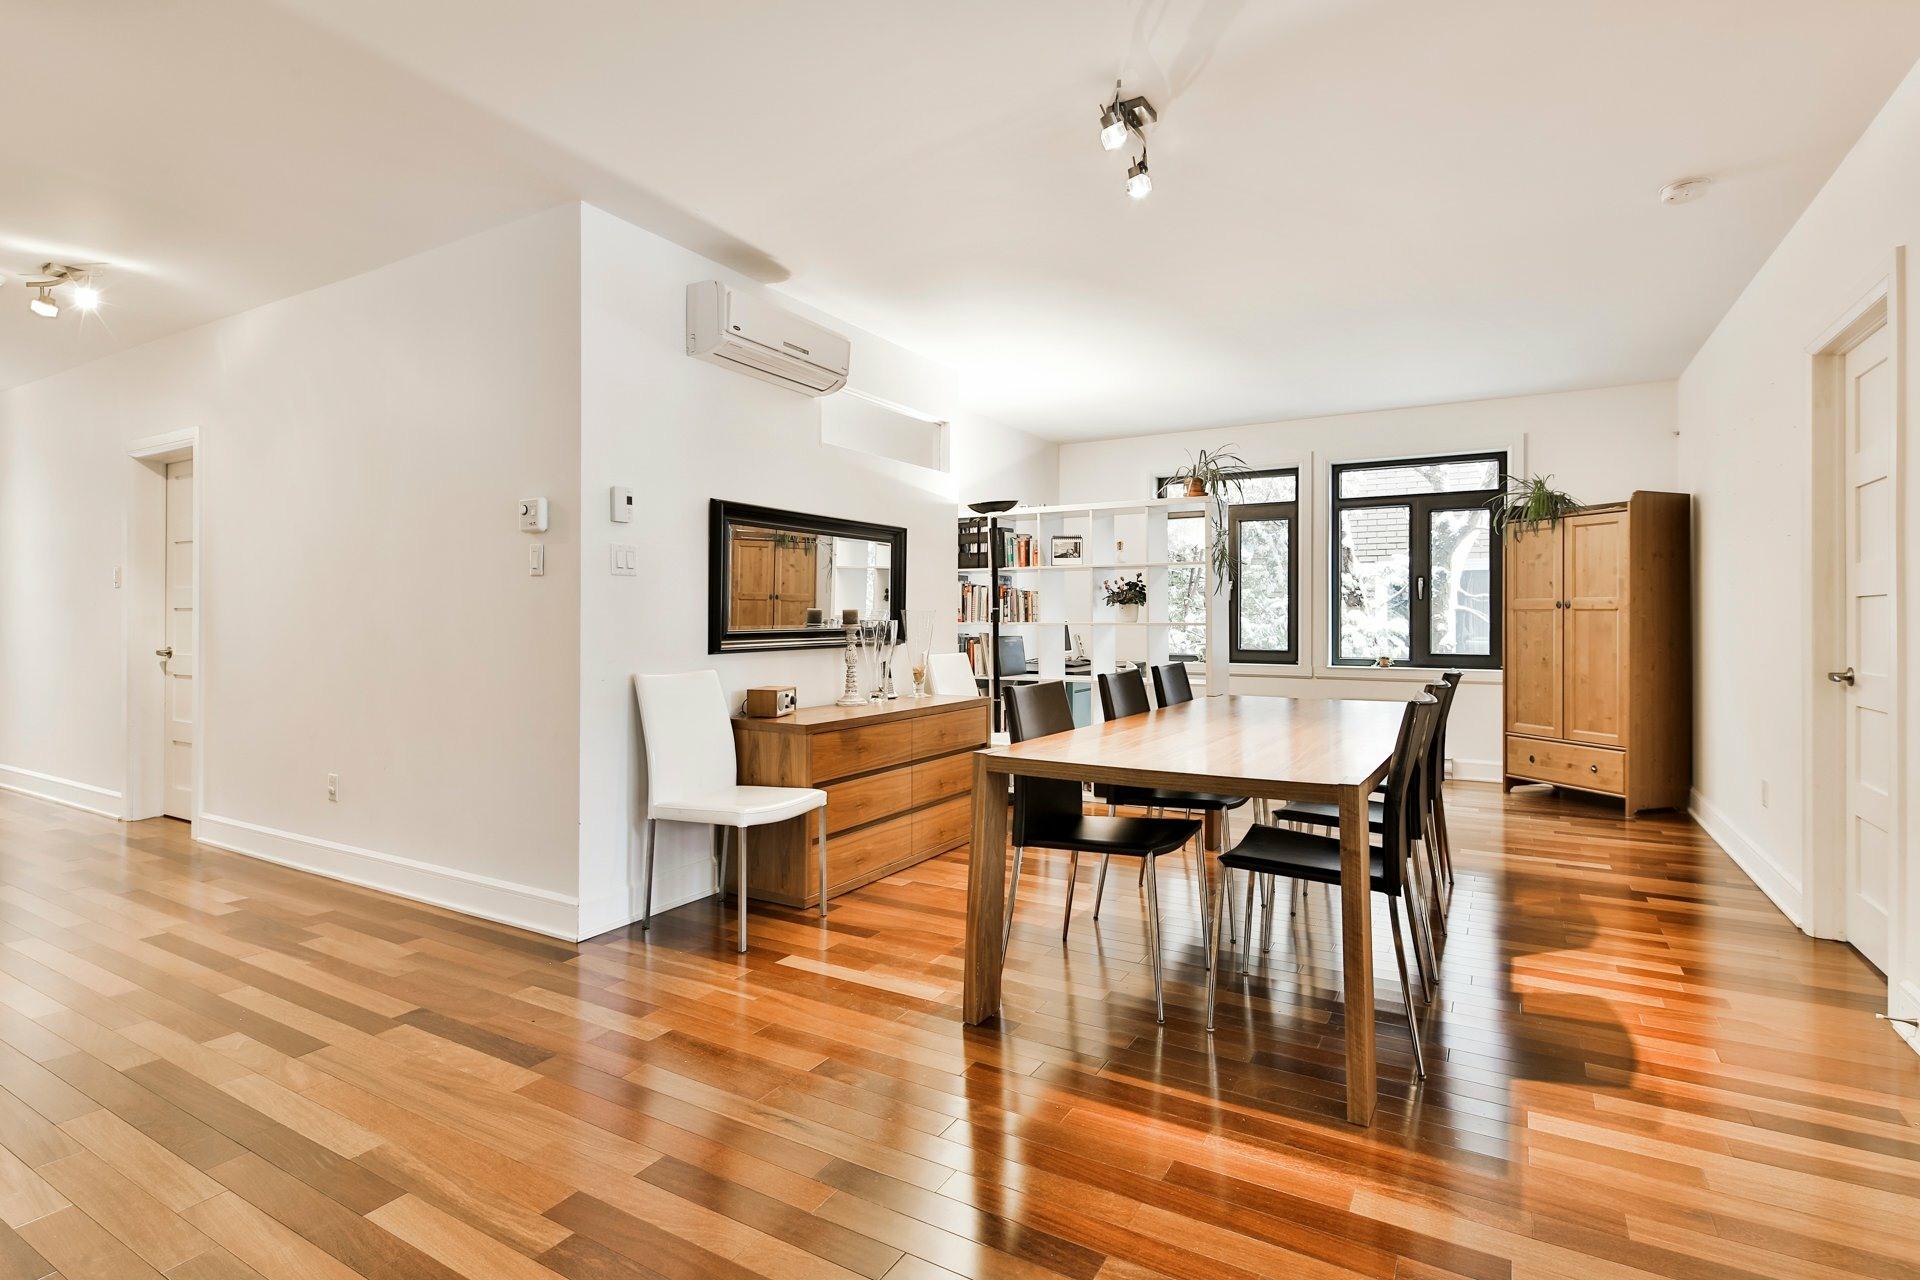 image 4 - Appartement À vendre Montréal Ahuntsic-Cartierville  - 11 pièces